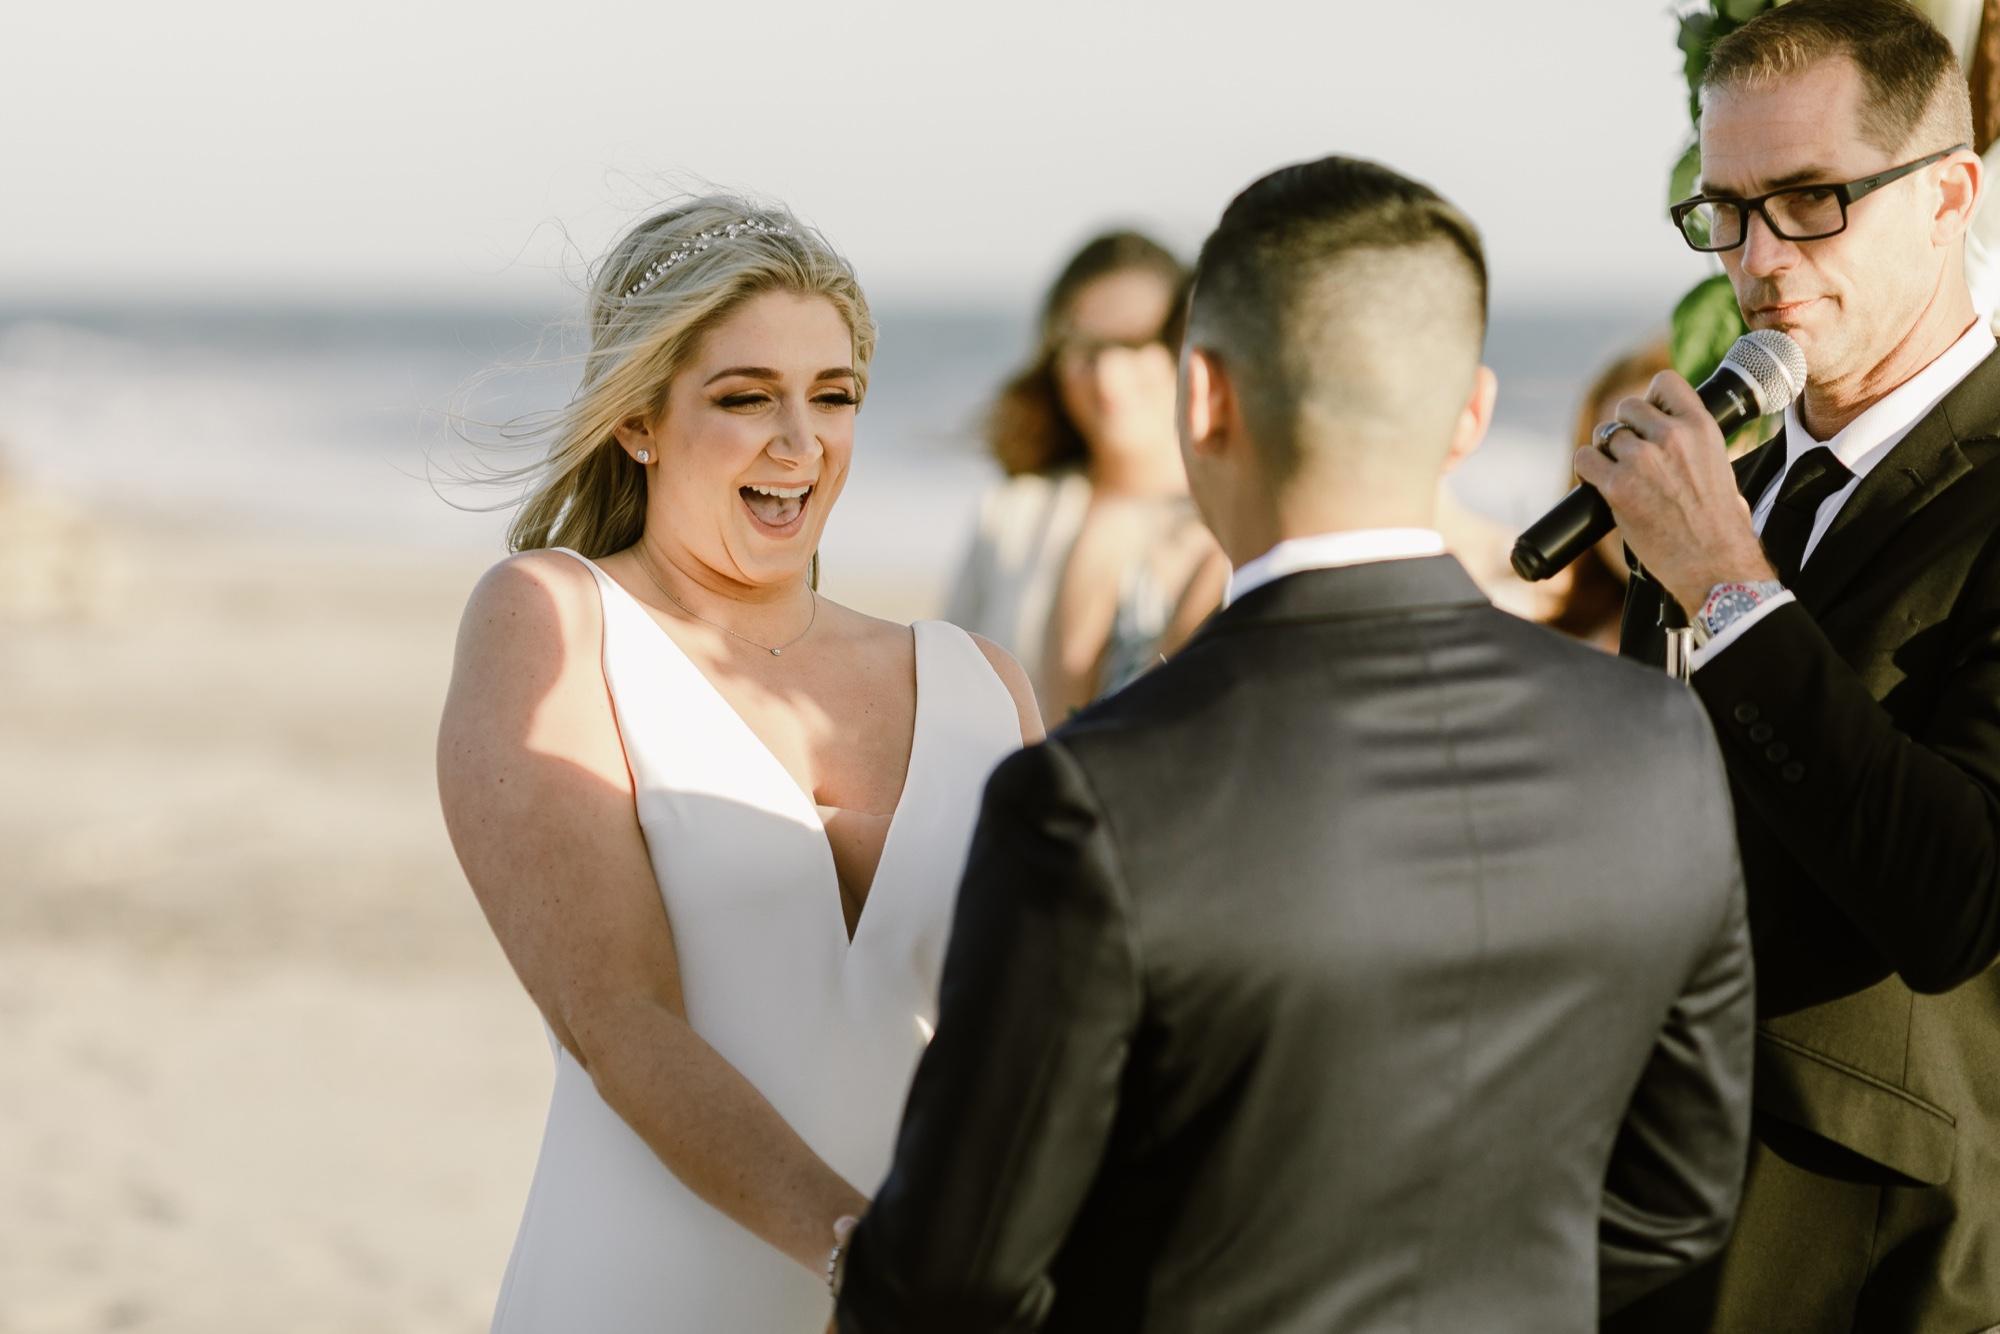 43_Ally and Tommy's Wedding-150_club_beach_laughing_rincon_wedding.jpg